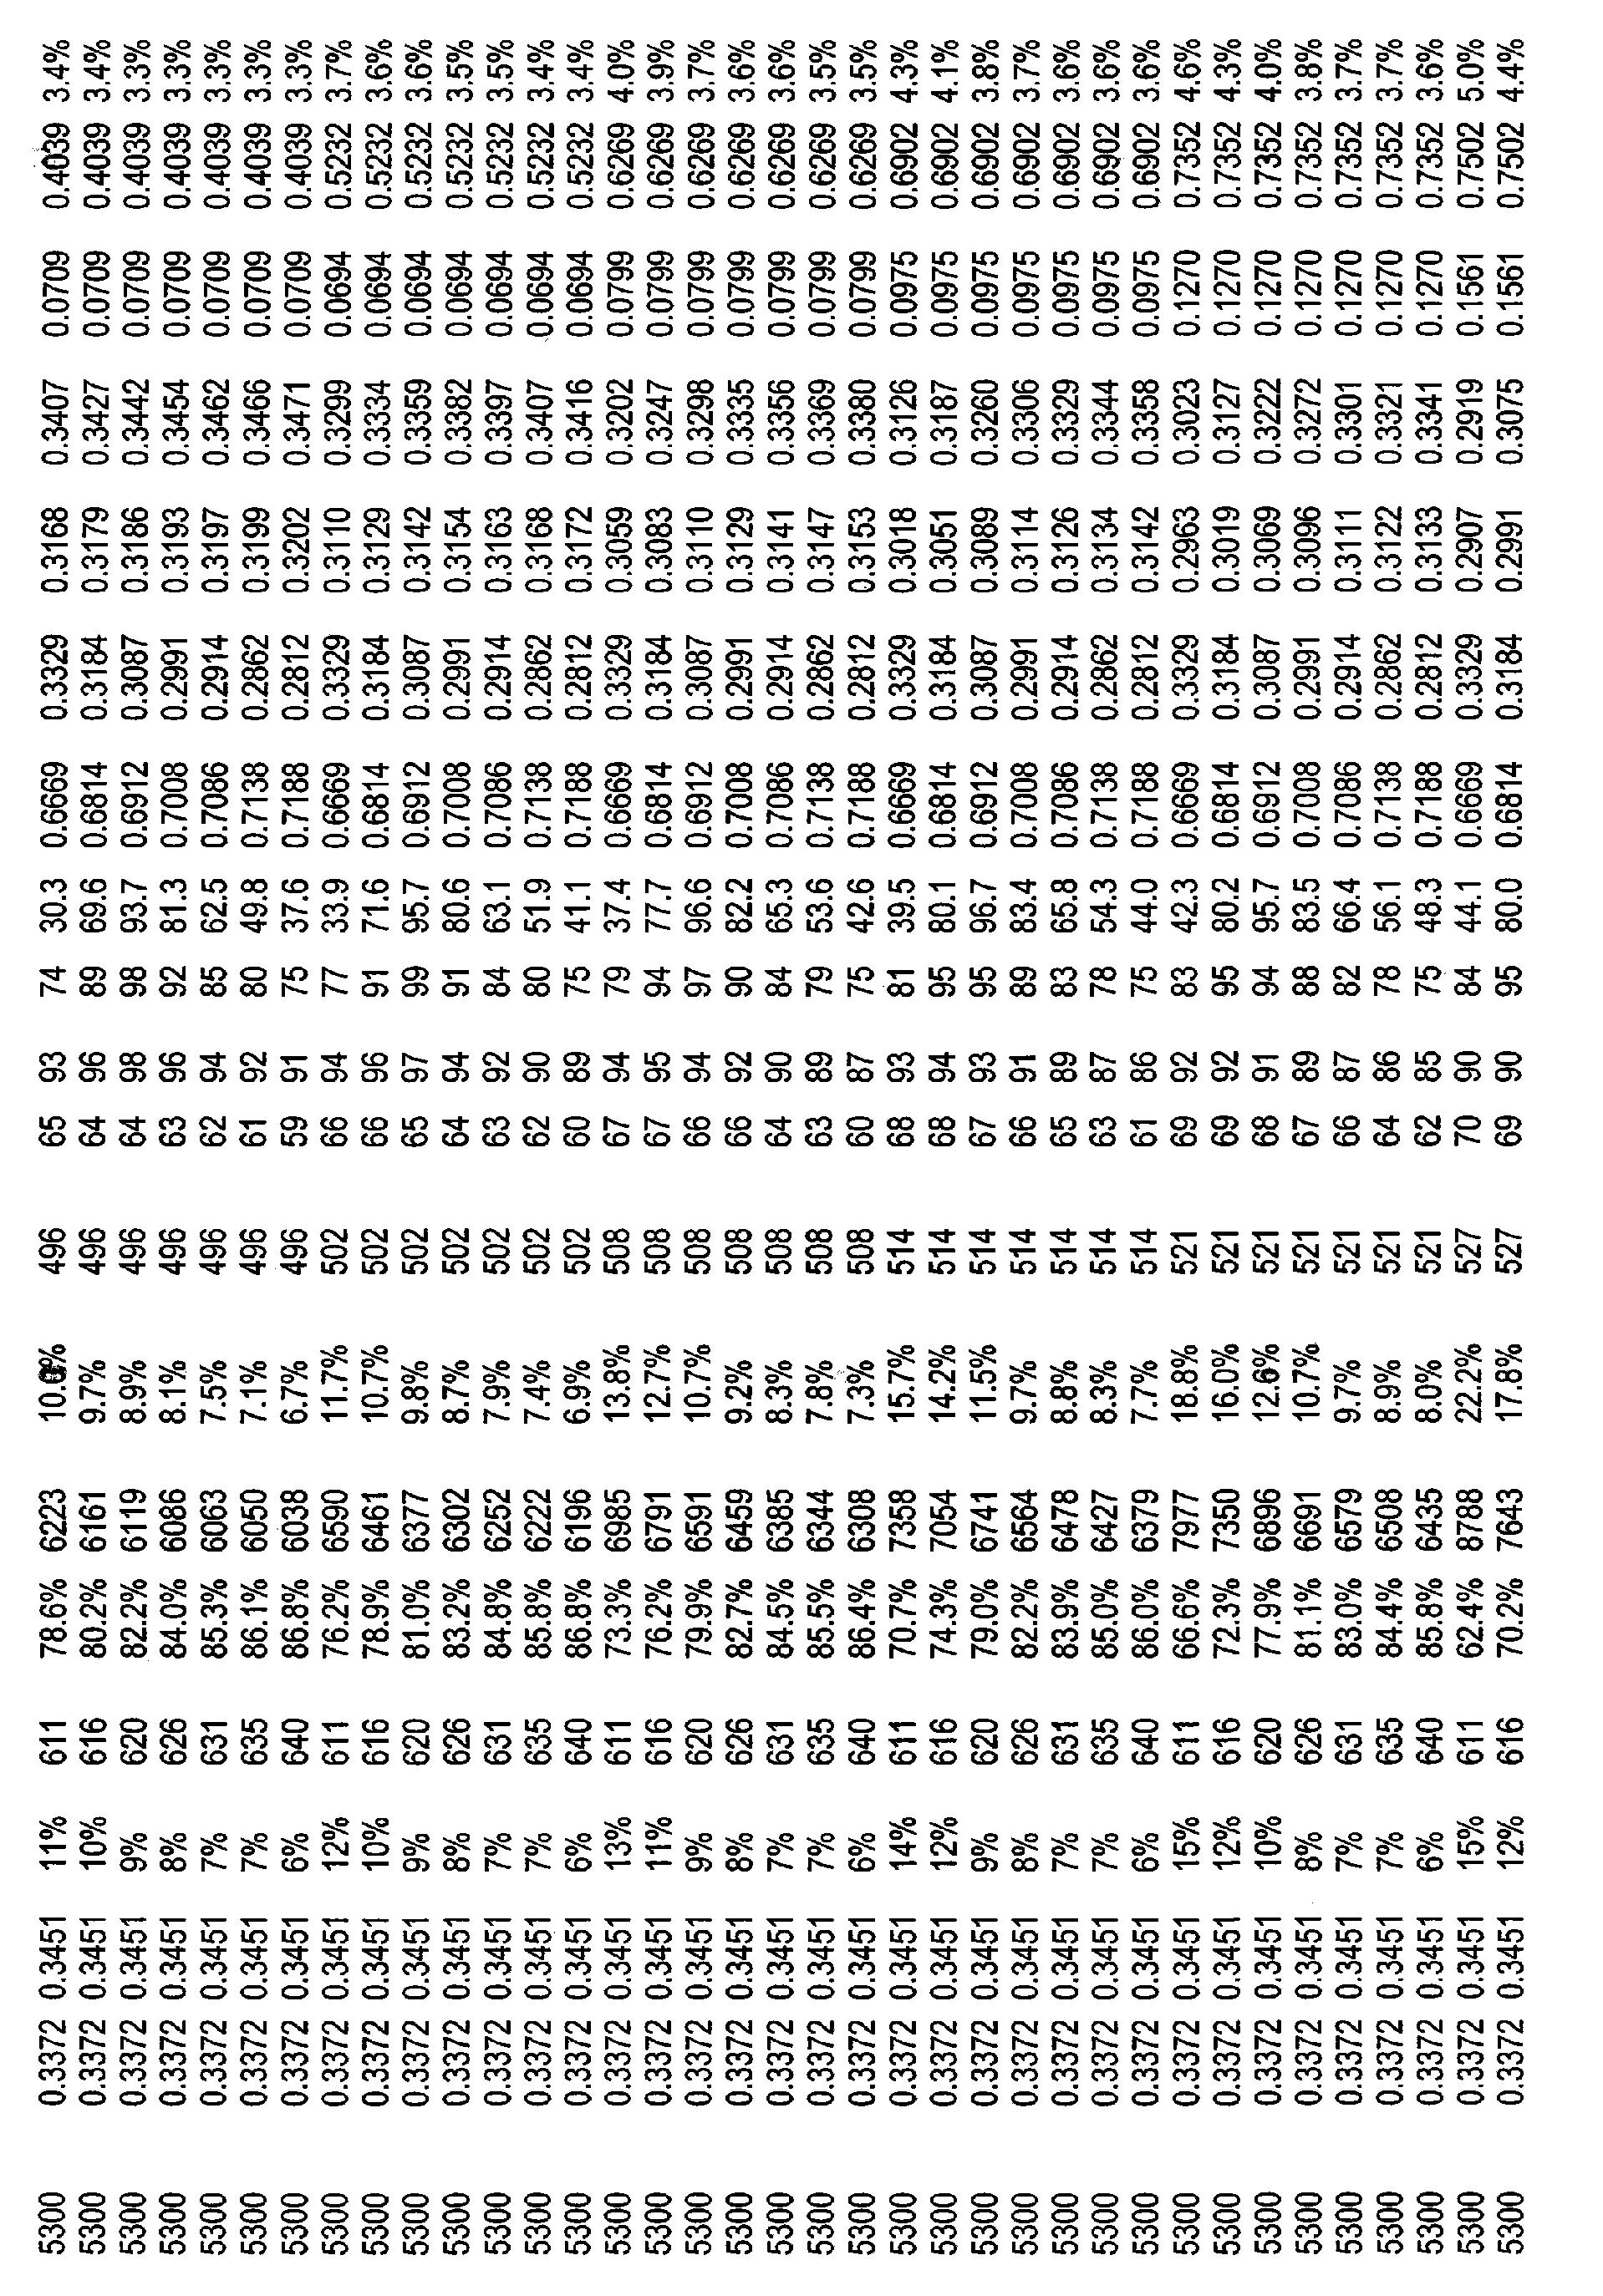 Figure CN101821544BD00571